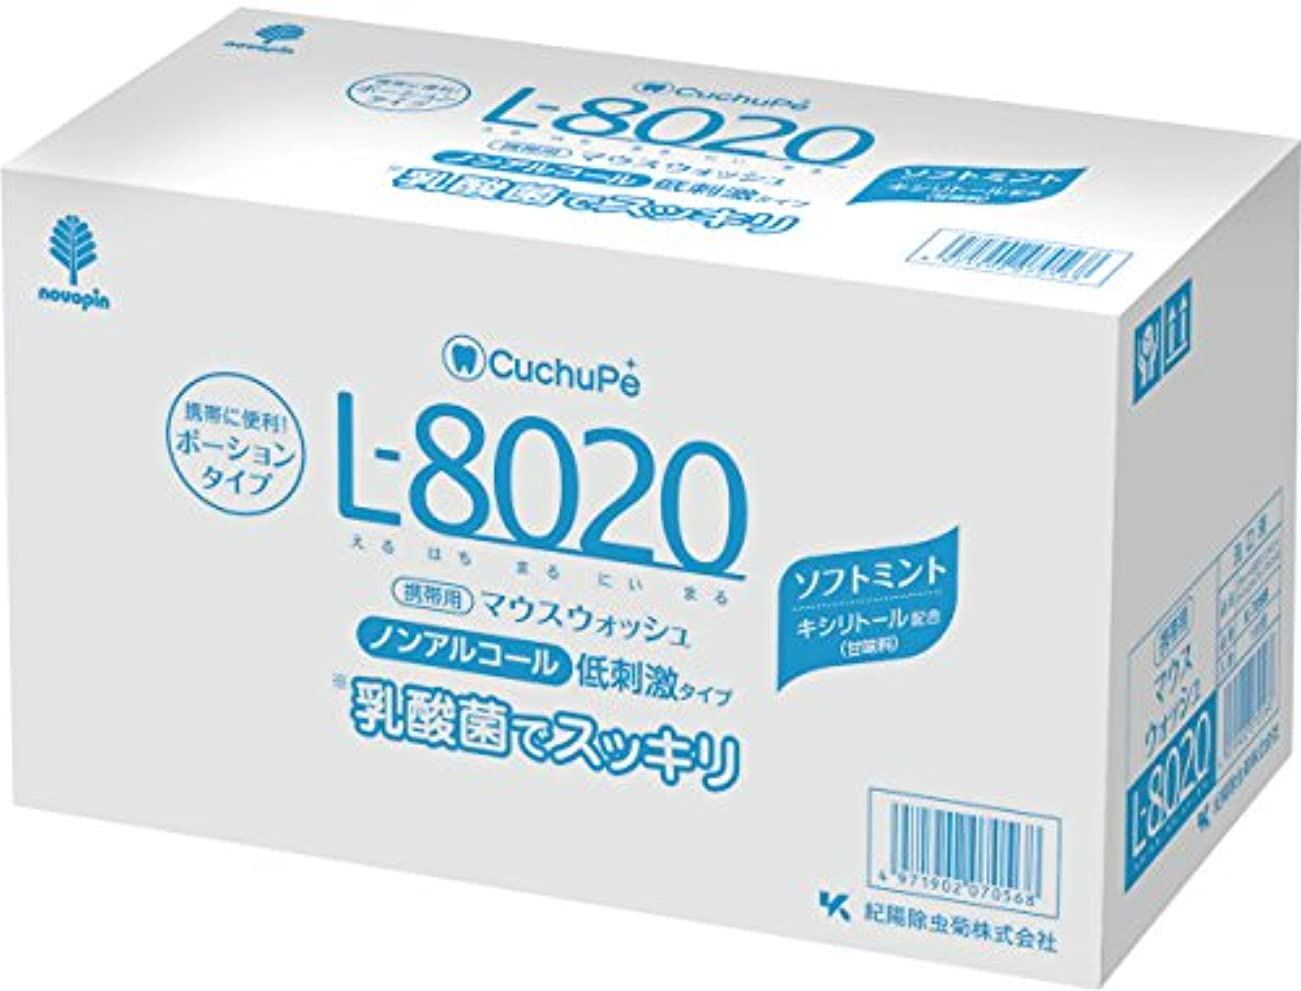 ノーブル歌詞幻想的クチュッペ L-8020 マウスウォッシュ ソフトミント ポーションタイプ 100個入